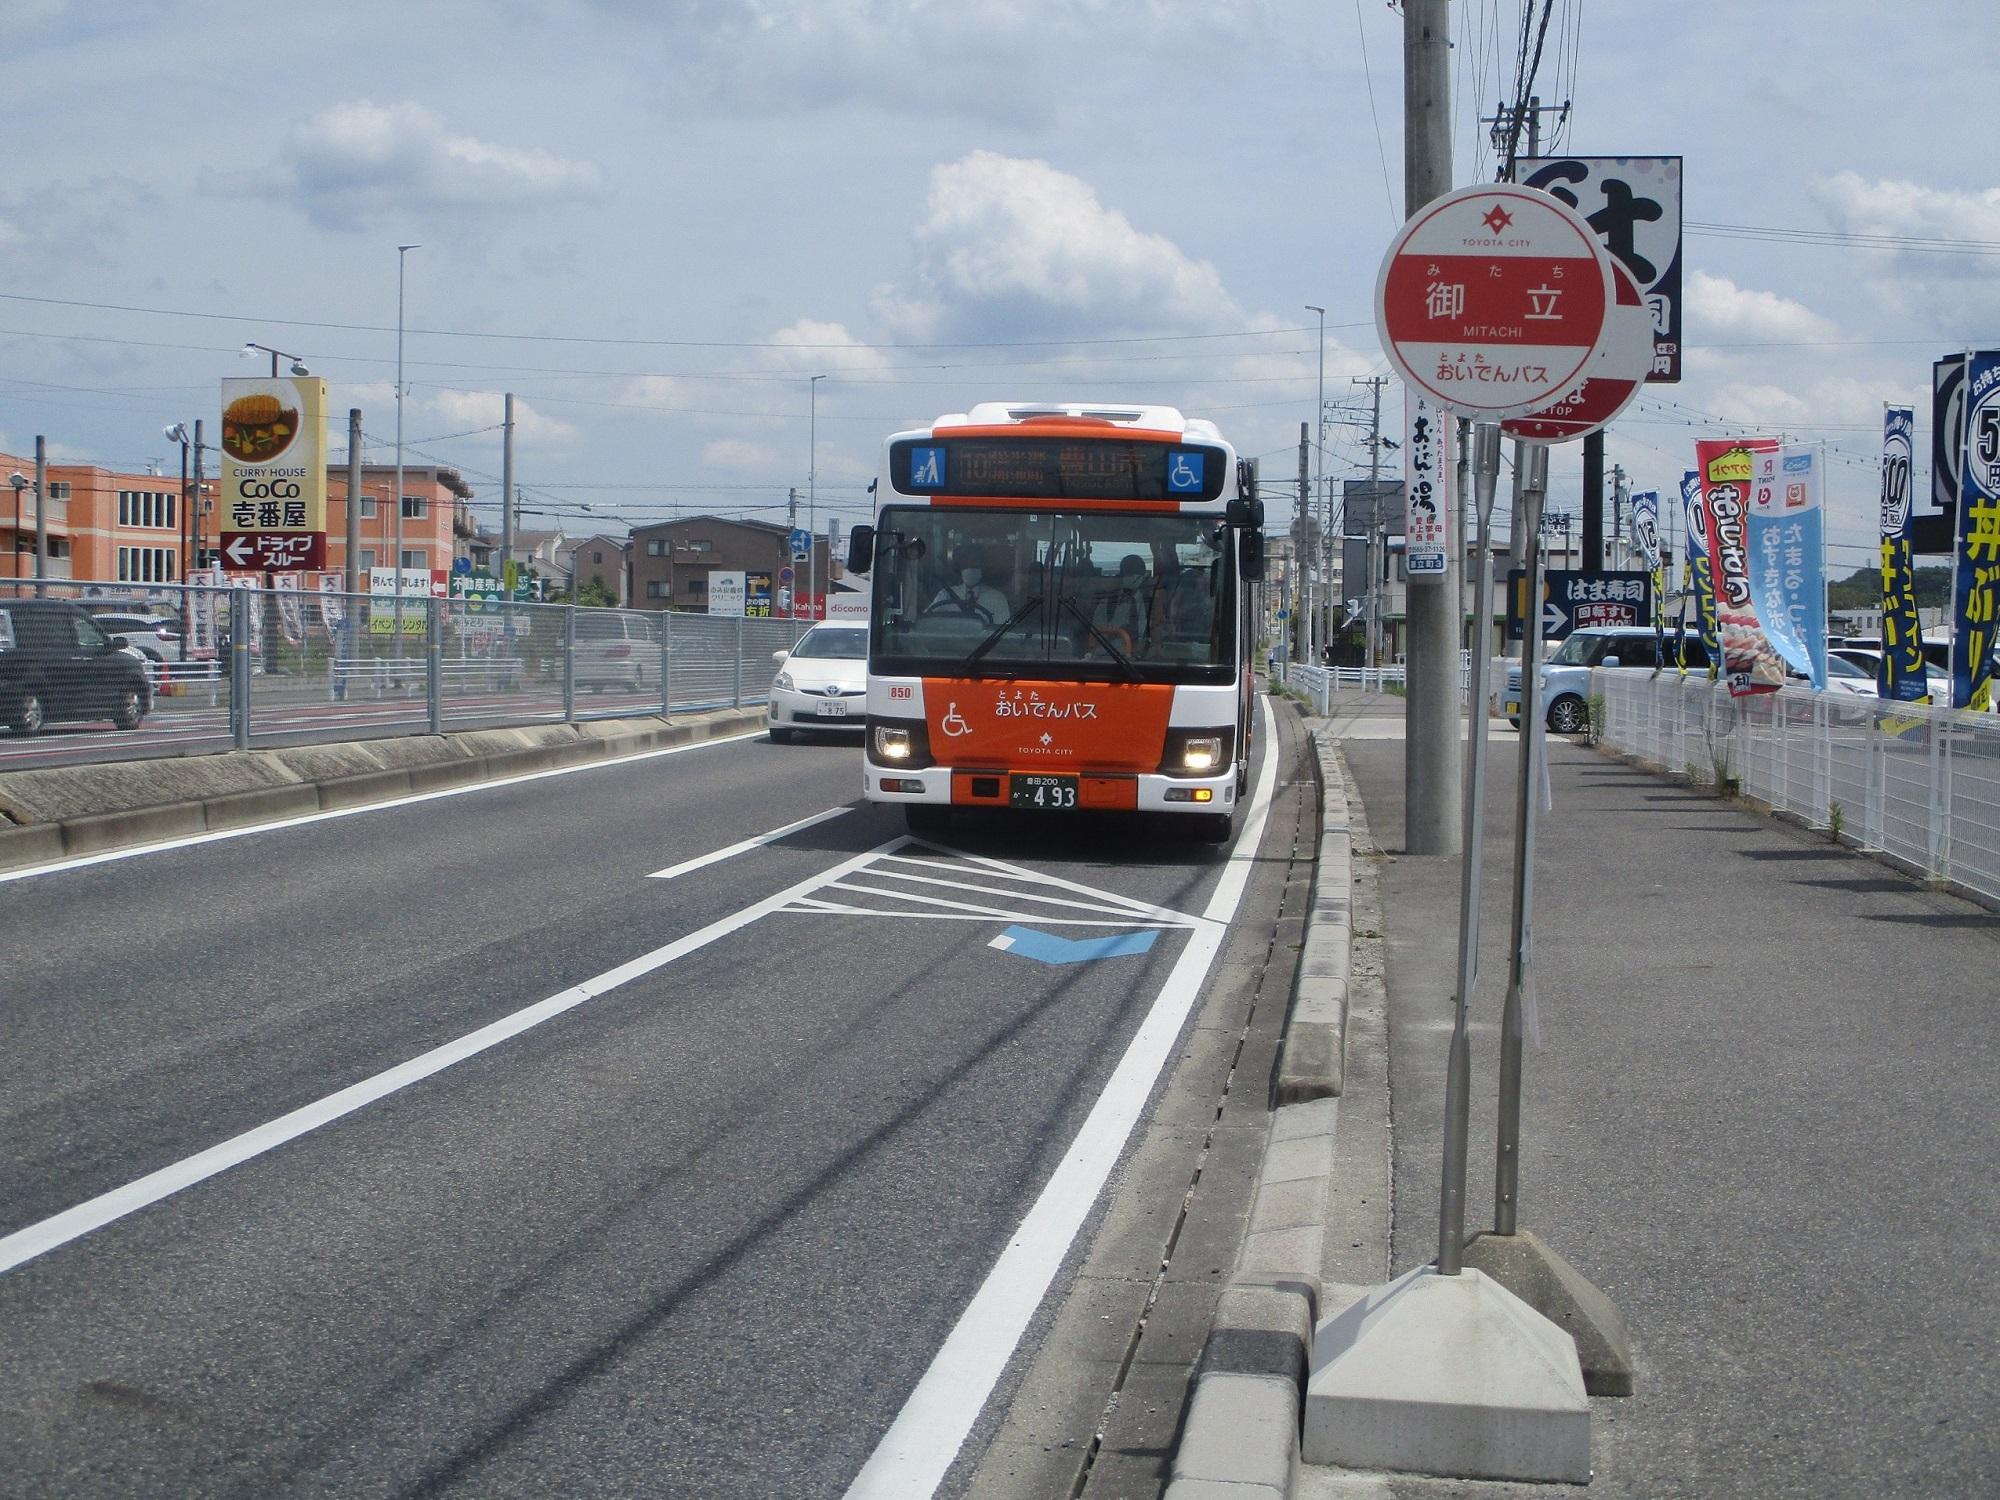 2020.5.27 (25) 御立バス停 - 豊田市いきおいでんバス 2000-1500